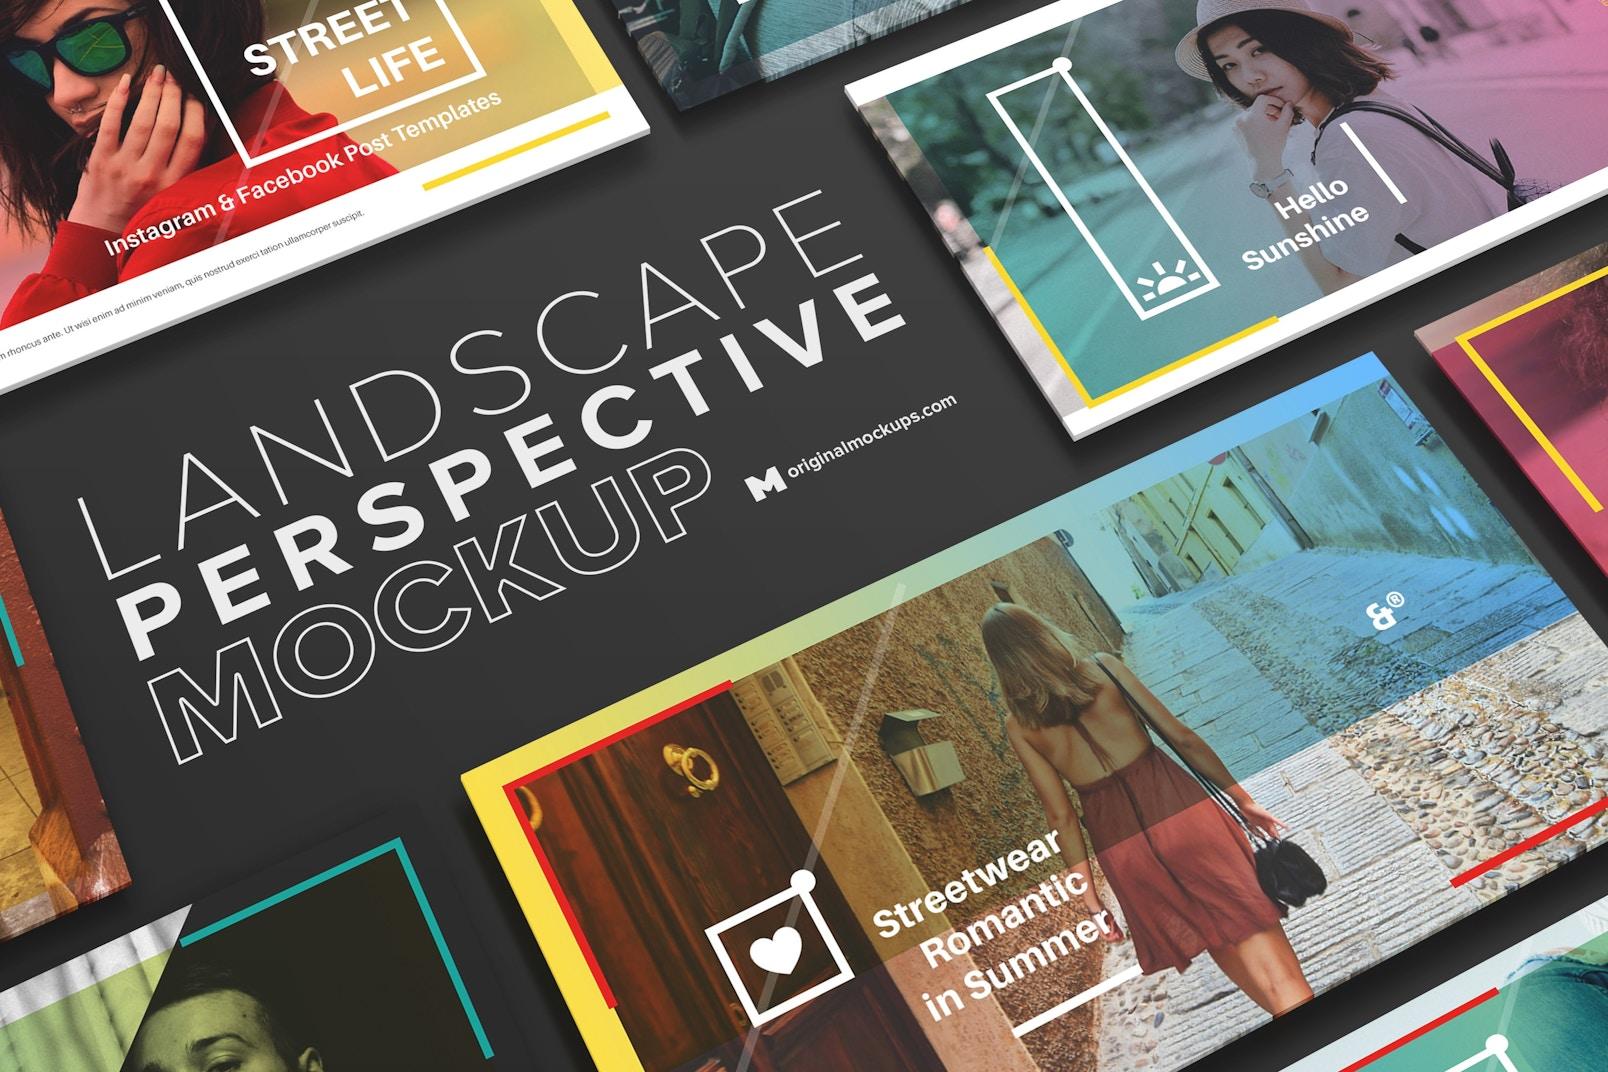 Landscape Perspective Mockup 01